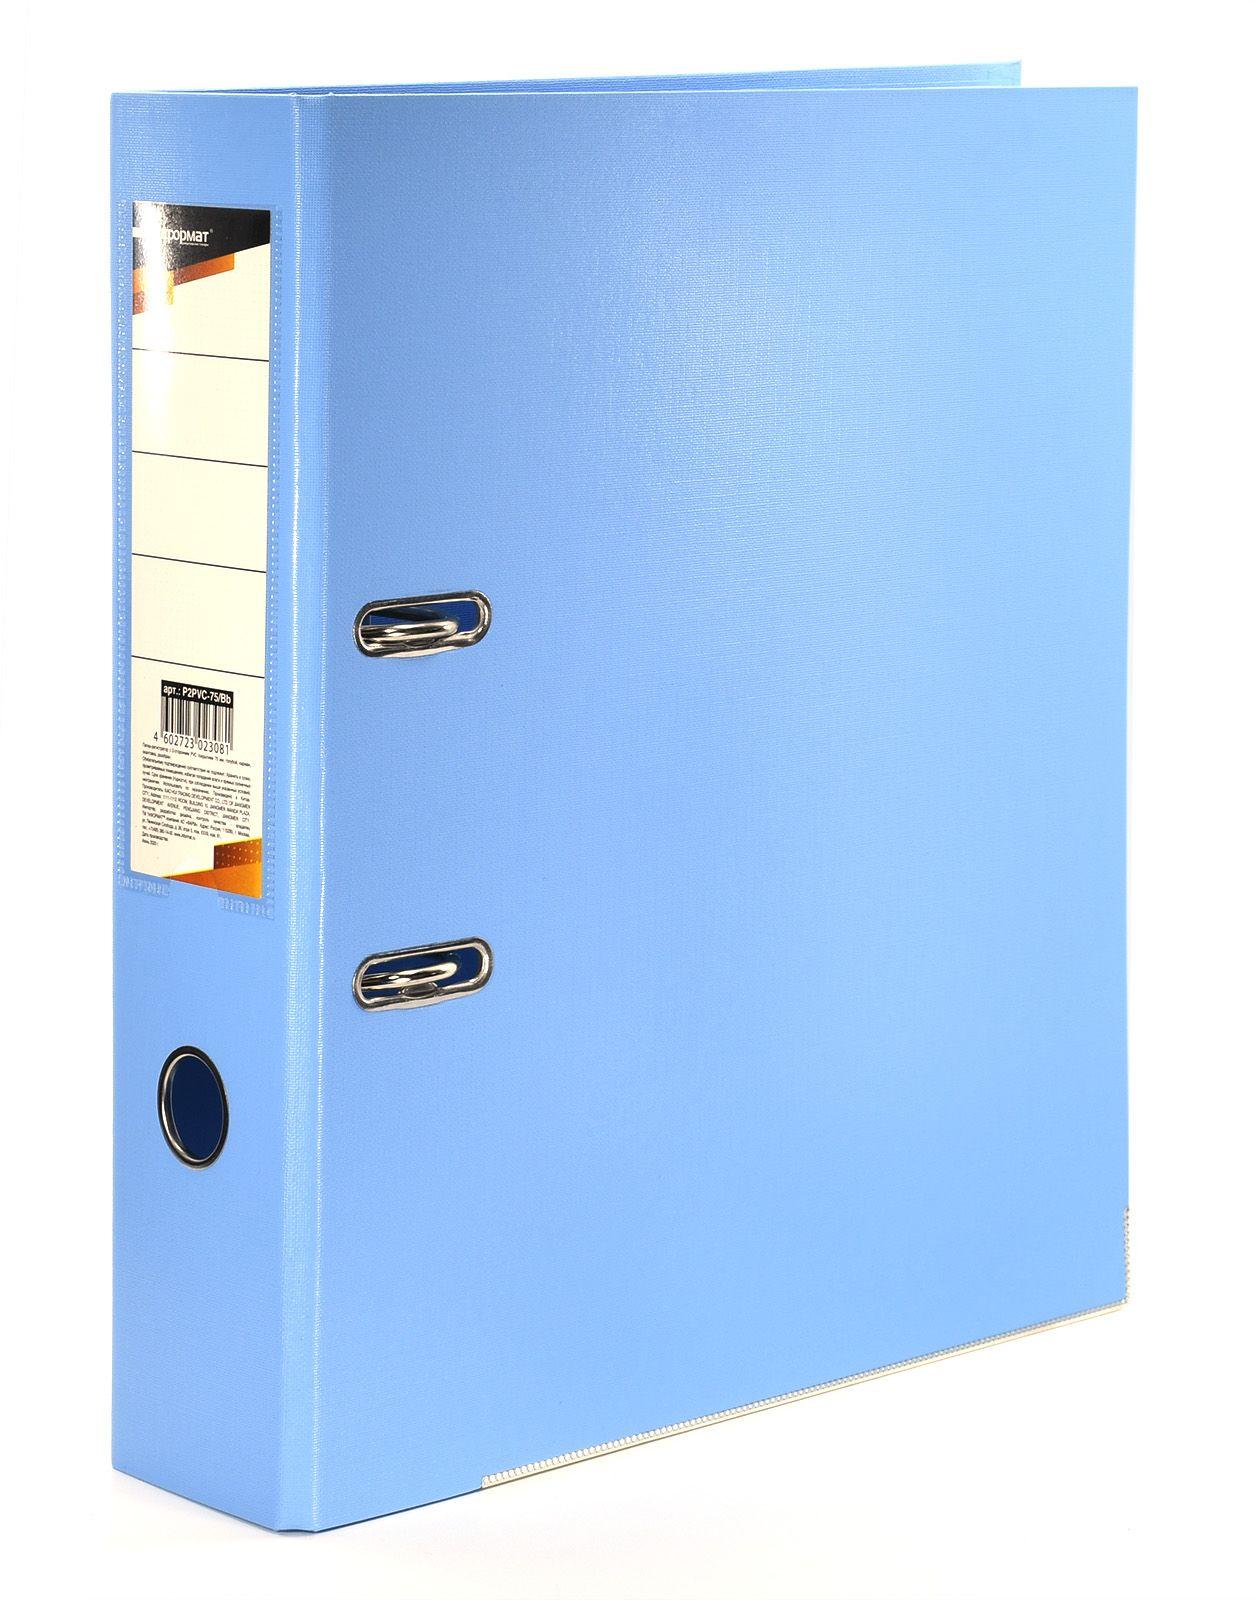 Папка-регистратор INFORMAT 75 мм двухстороннее покрытие PVC, голубая